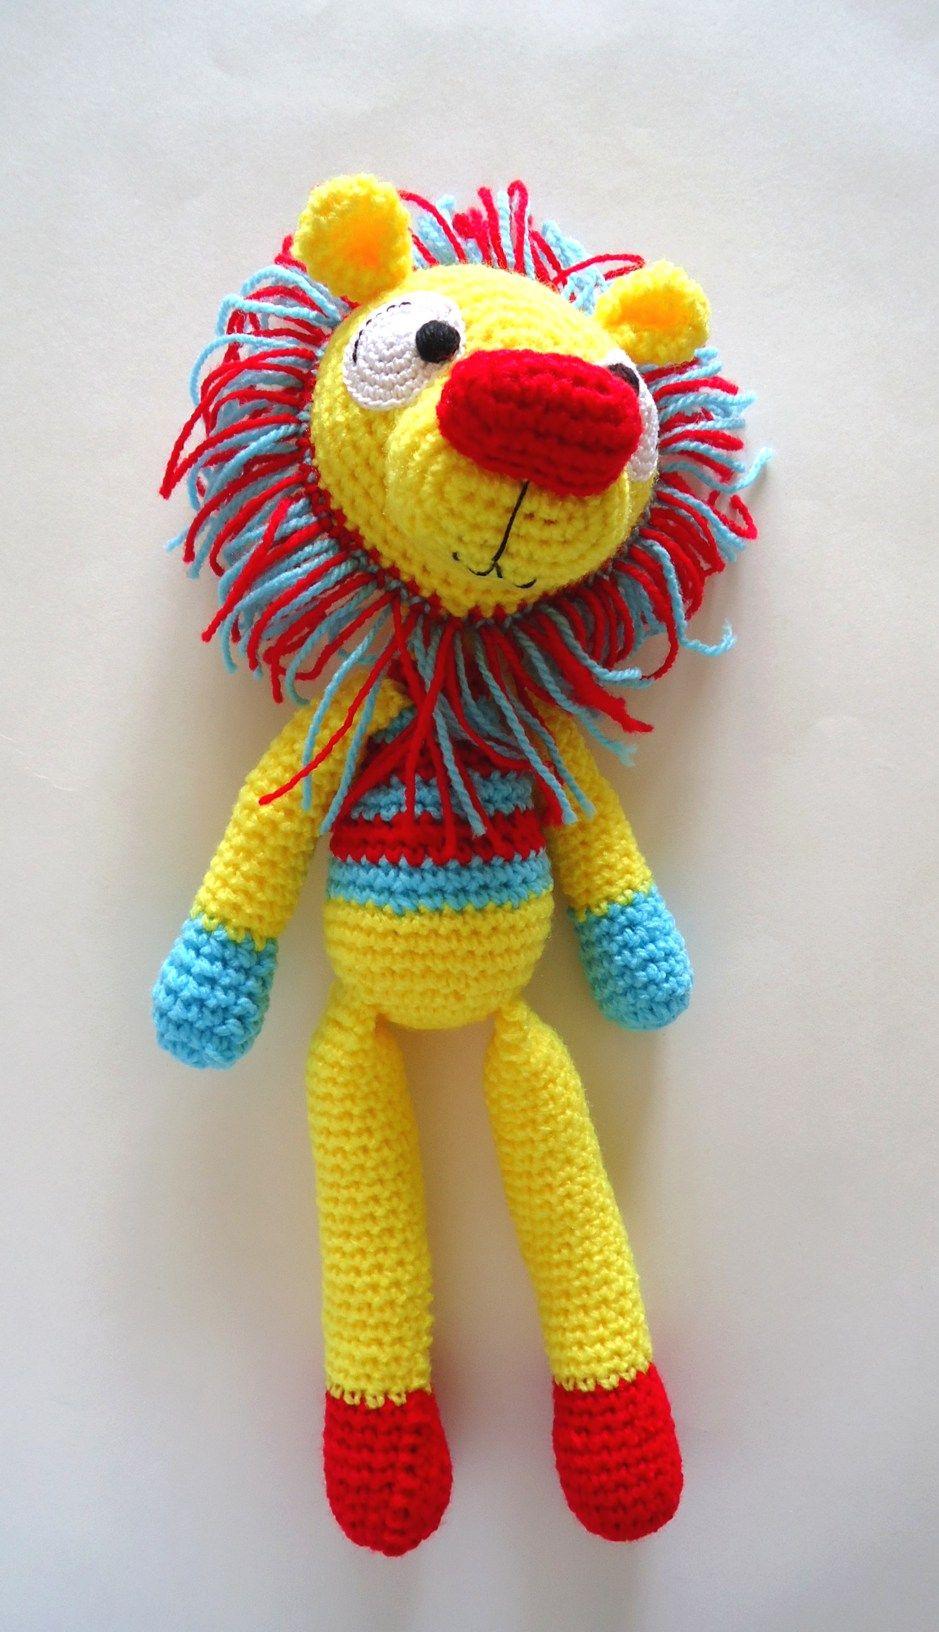 Excepcional Los Patrones De Crochet De Hilo Libre De Marca Del León ...